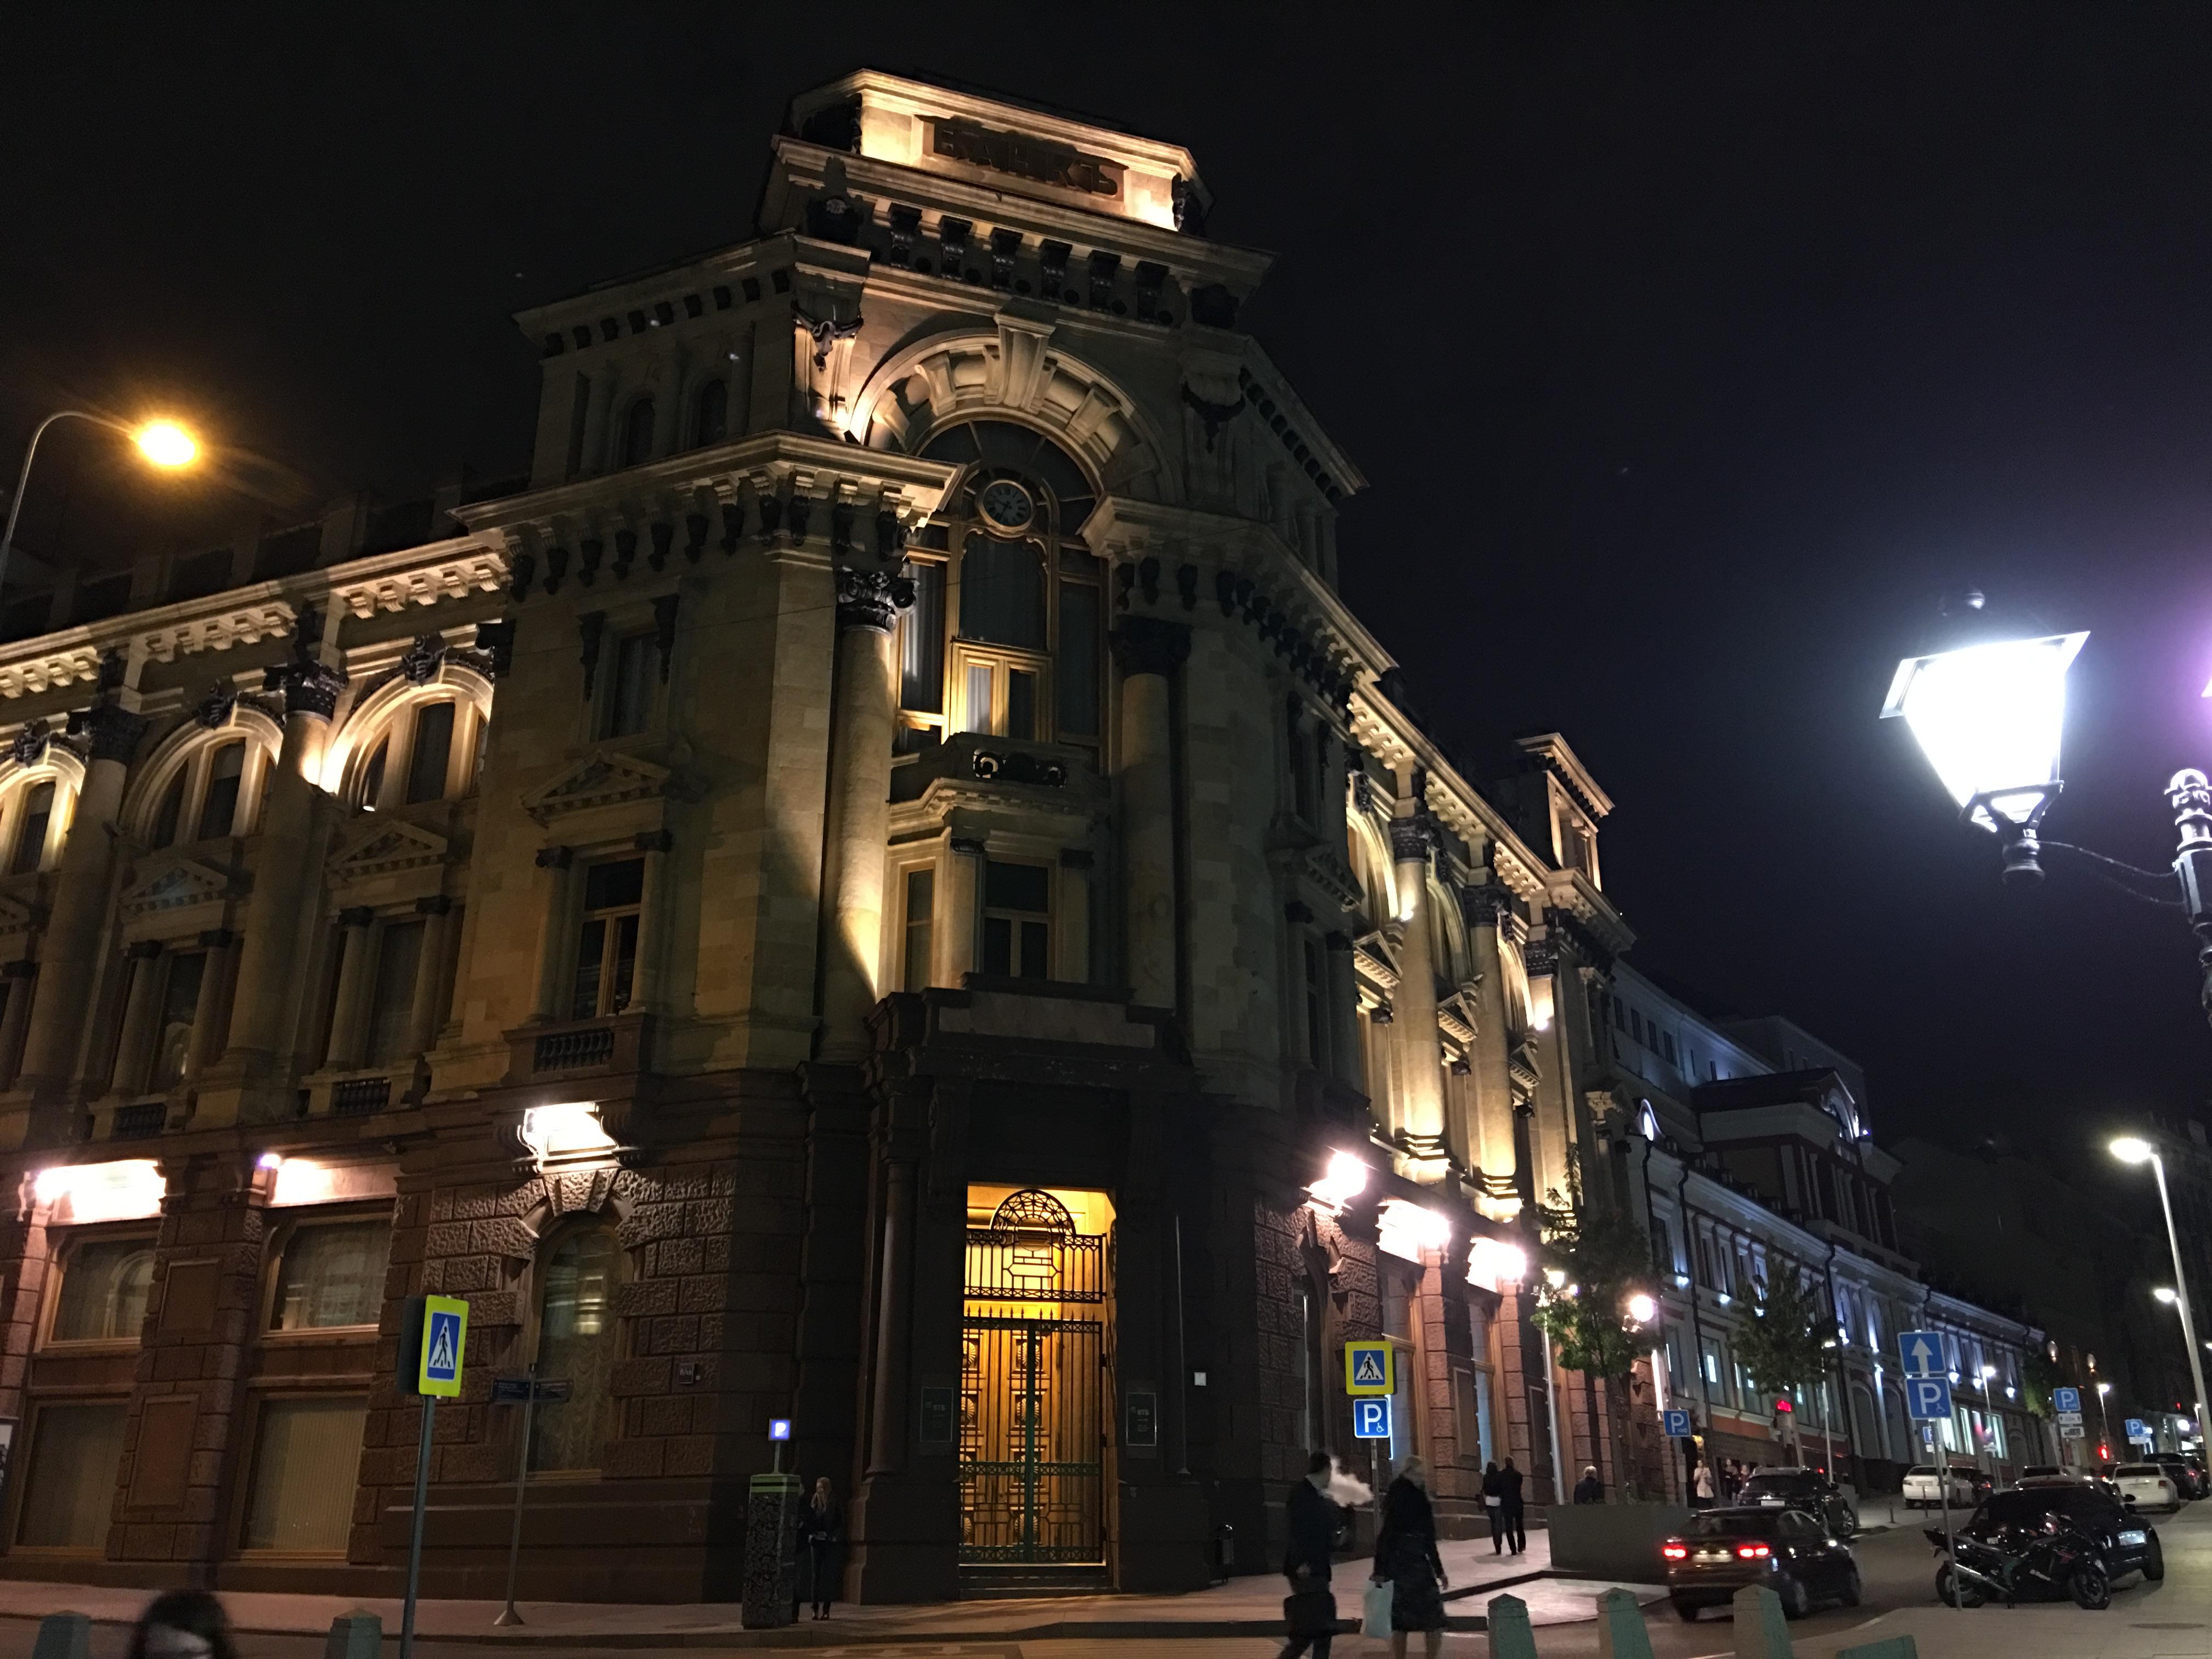 Разбавляю беговые посты ночными телефонофото. :)